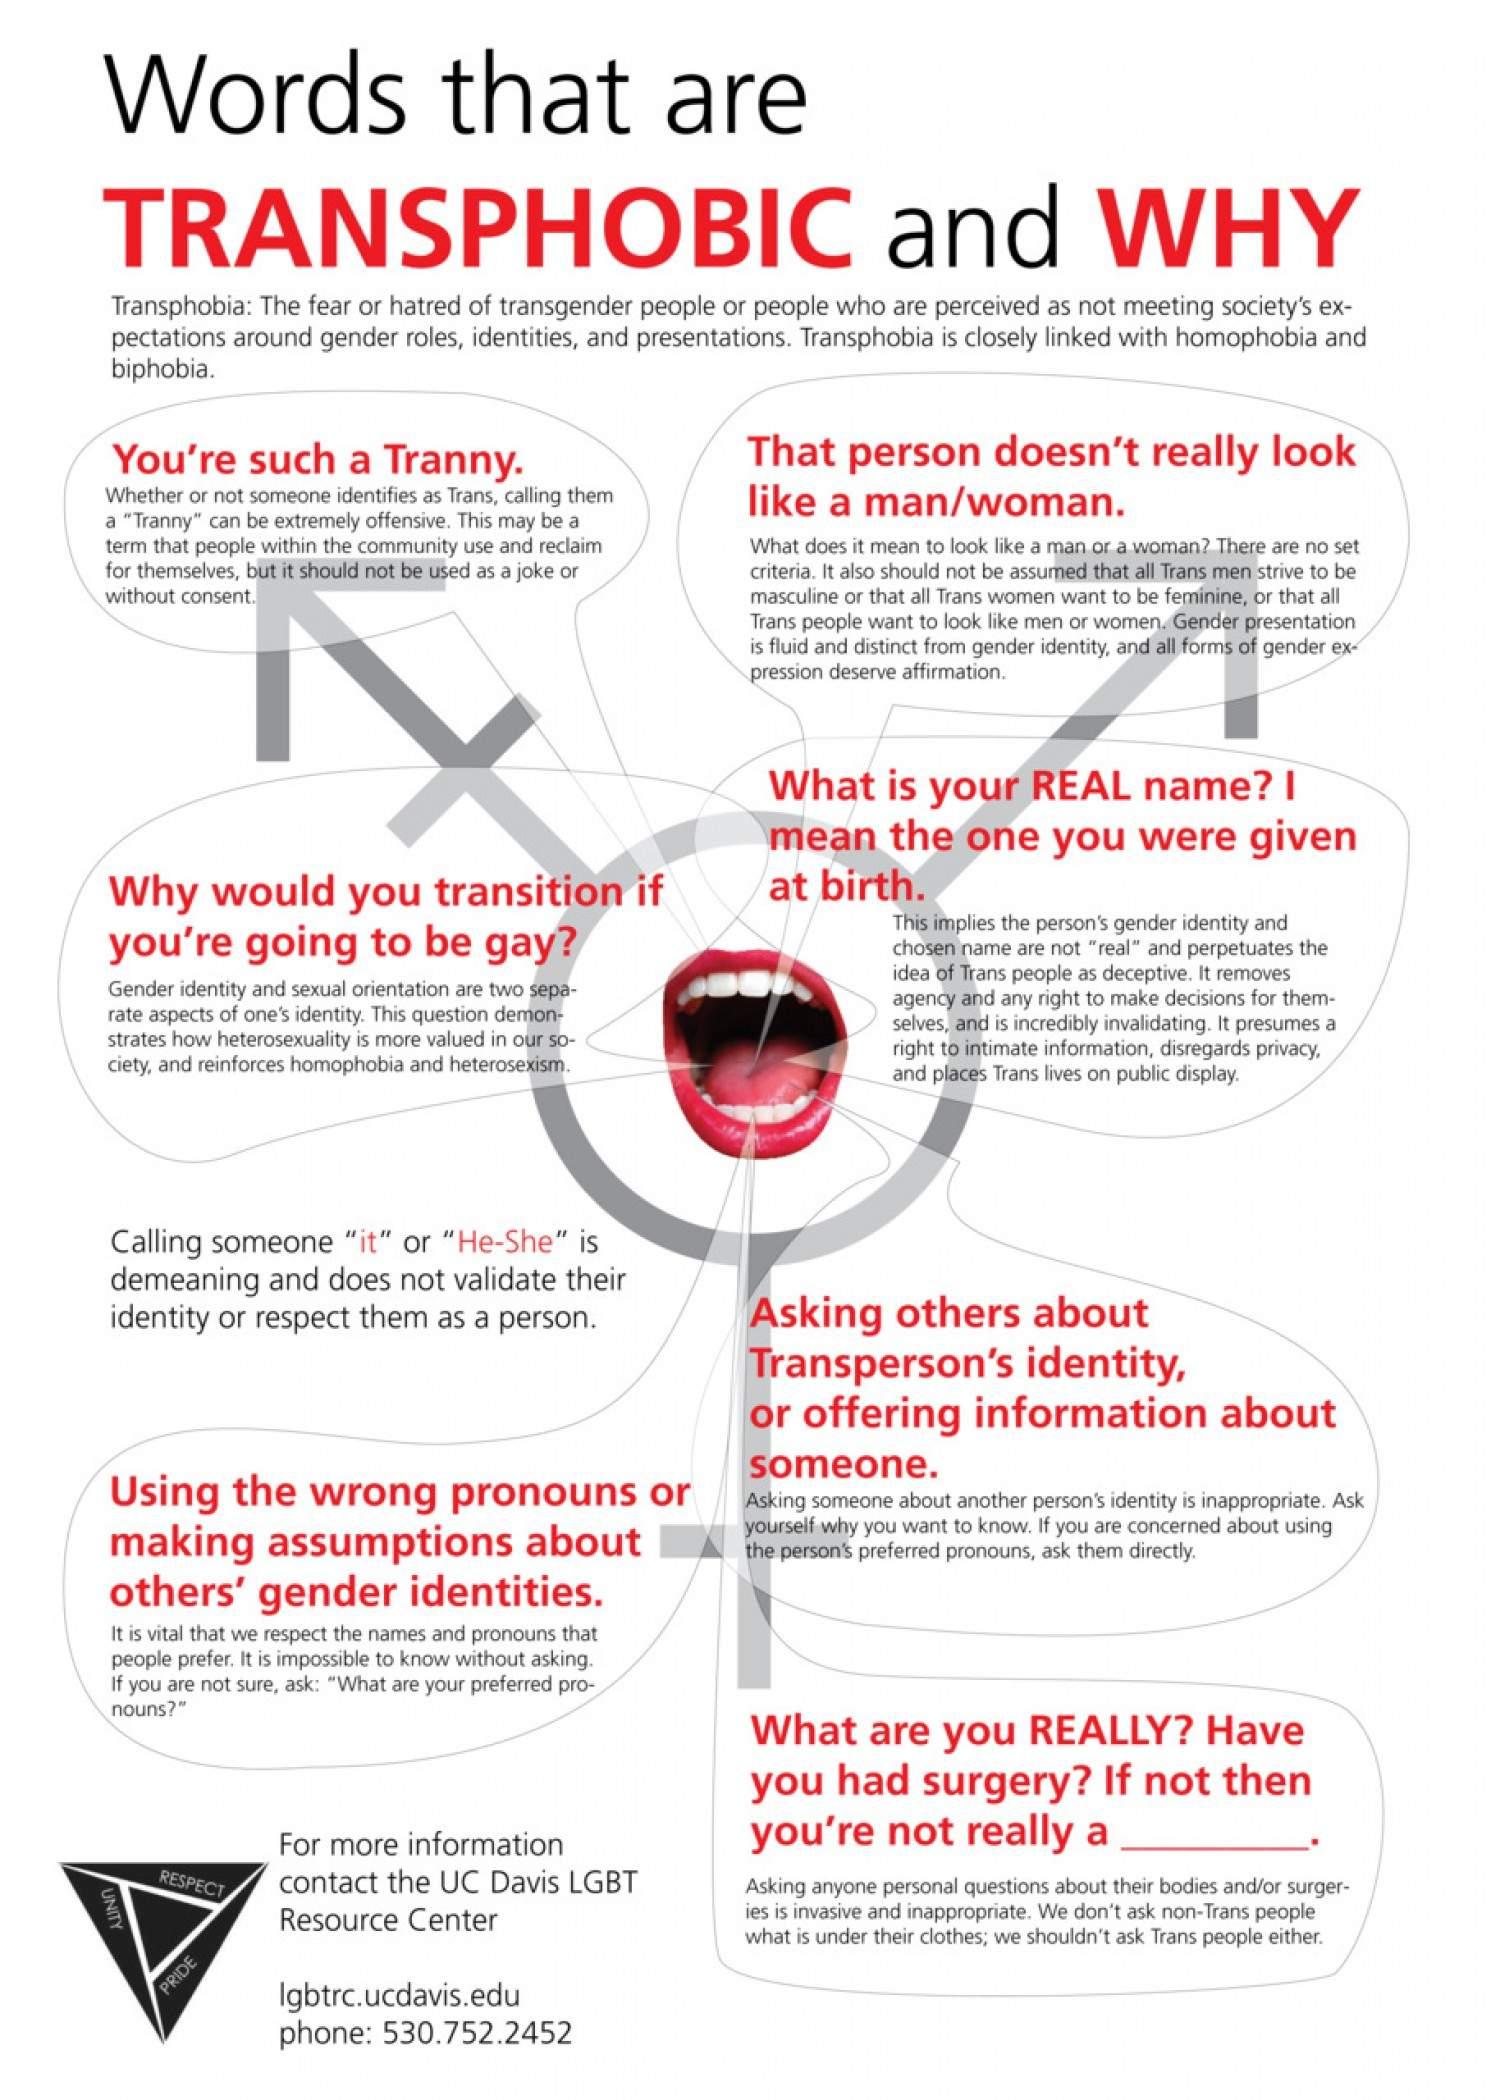 Infographic Woorden die transfobisch zijn